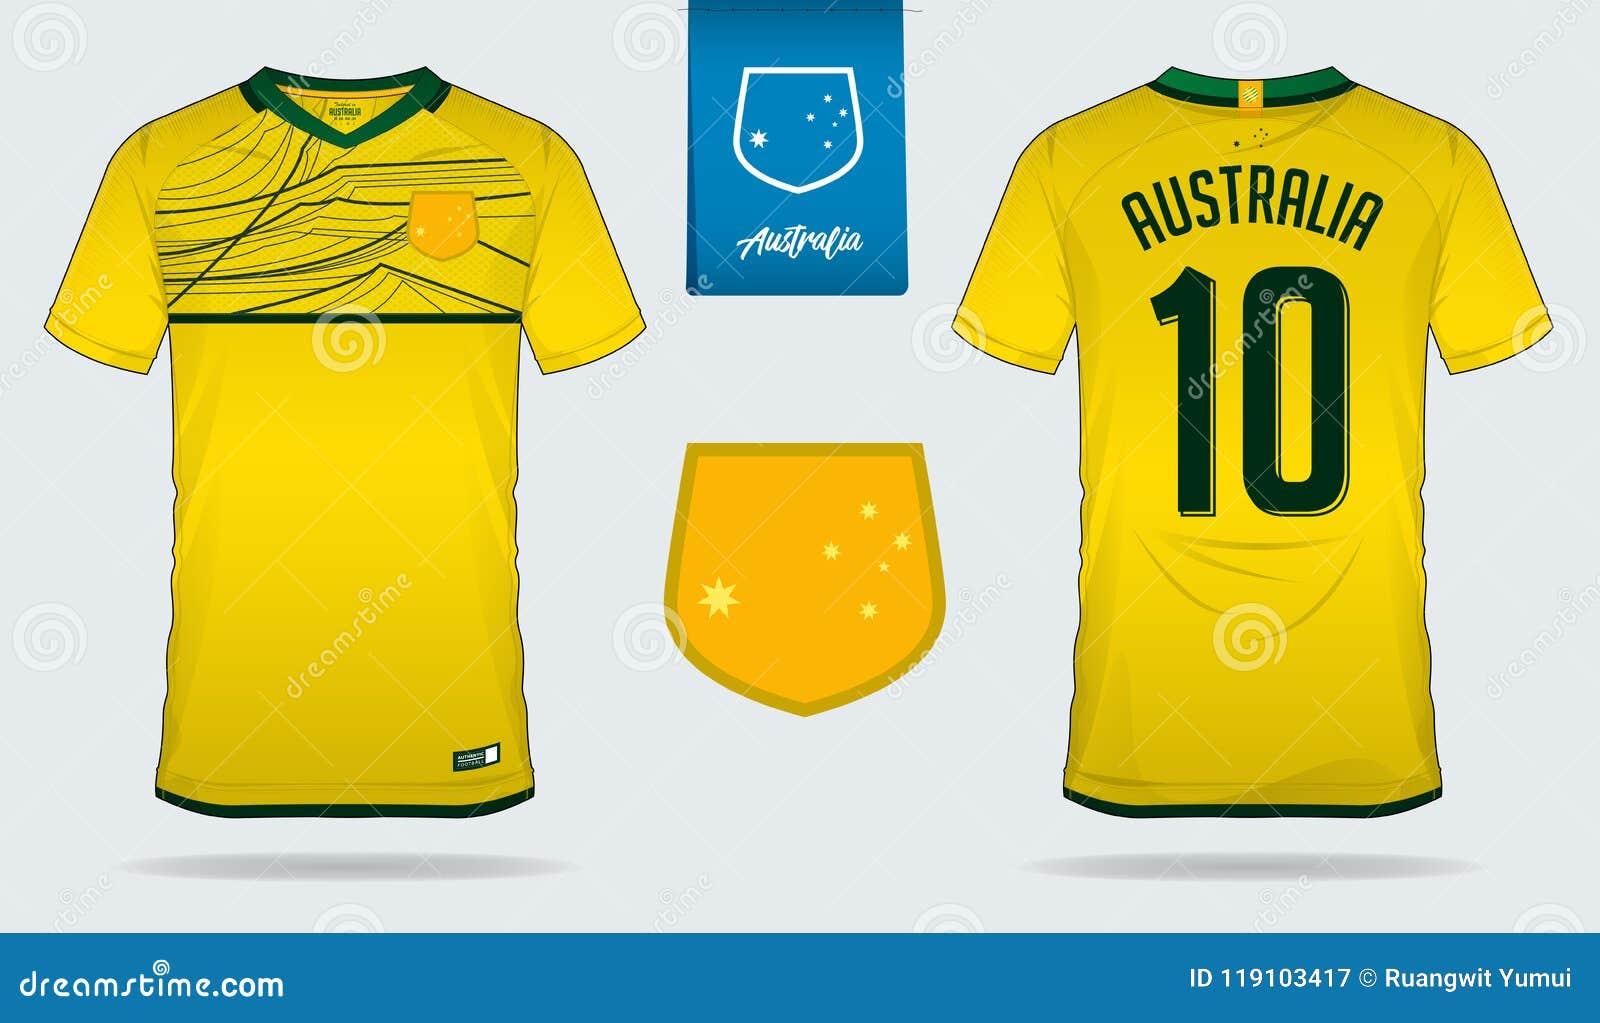 soccer jersey or football kit template design for australia national